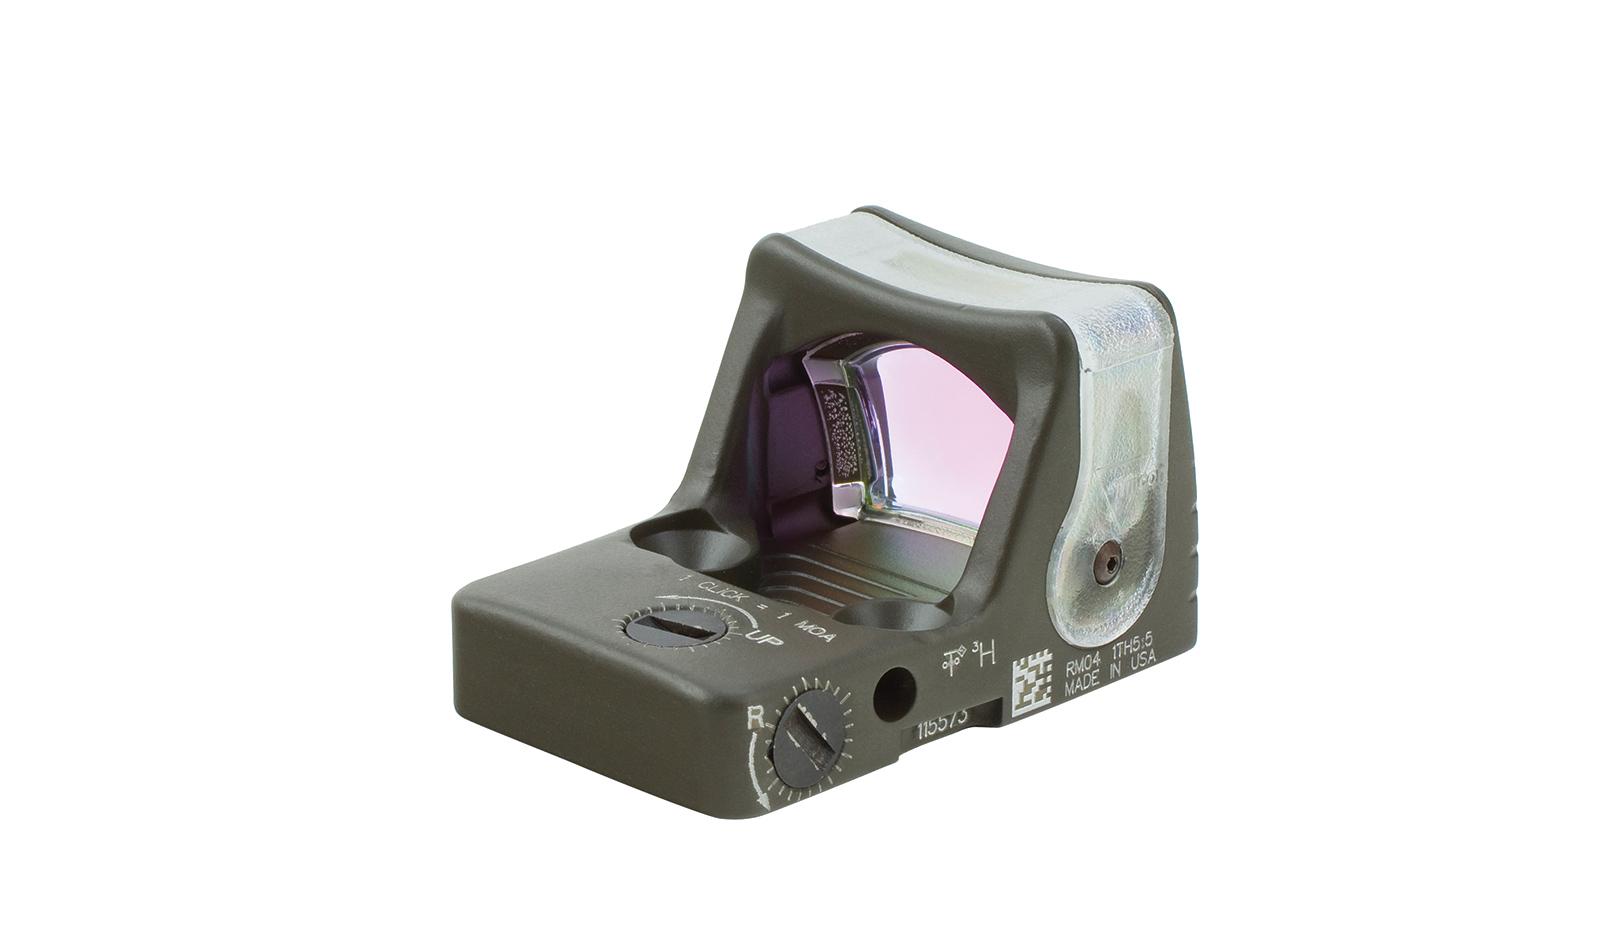 RM08-C-700281 angle 5